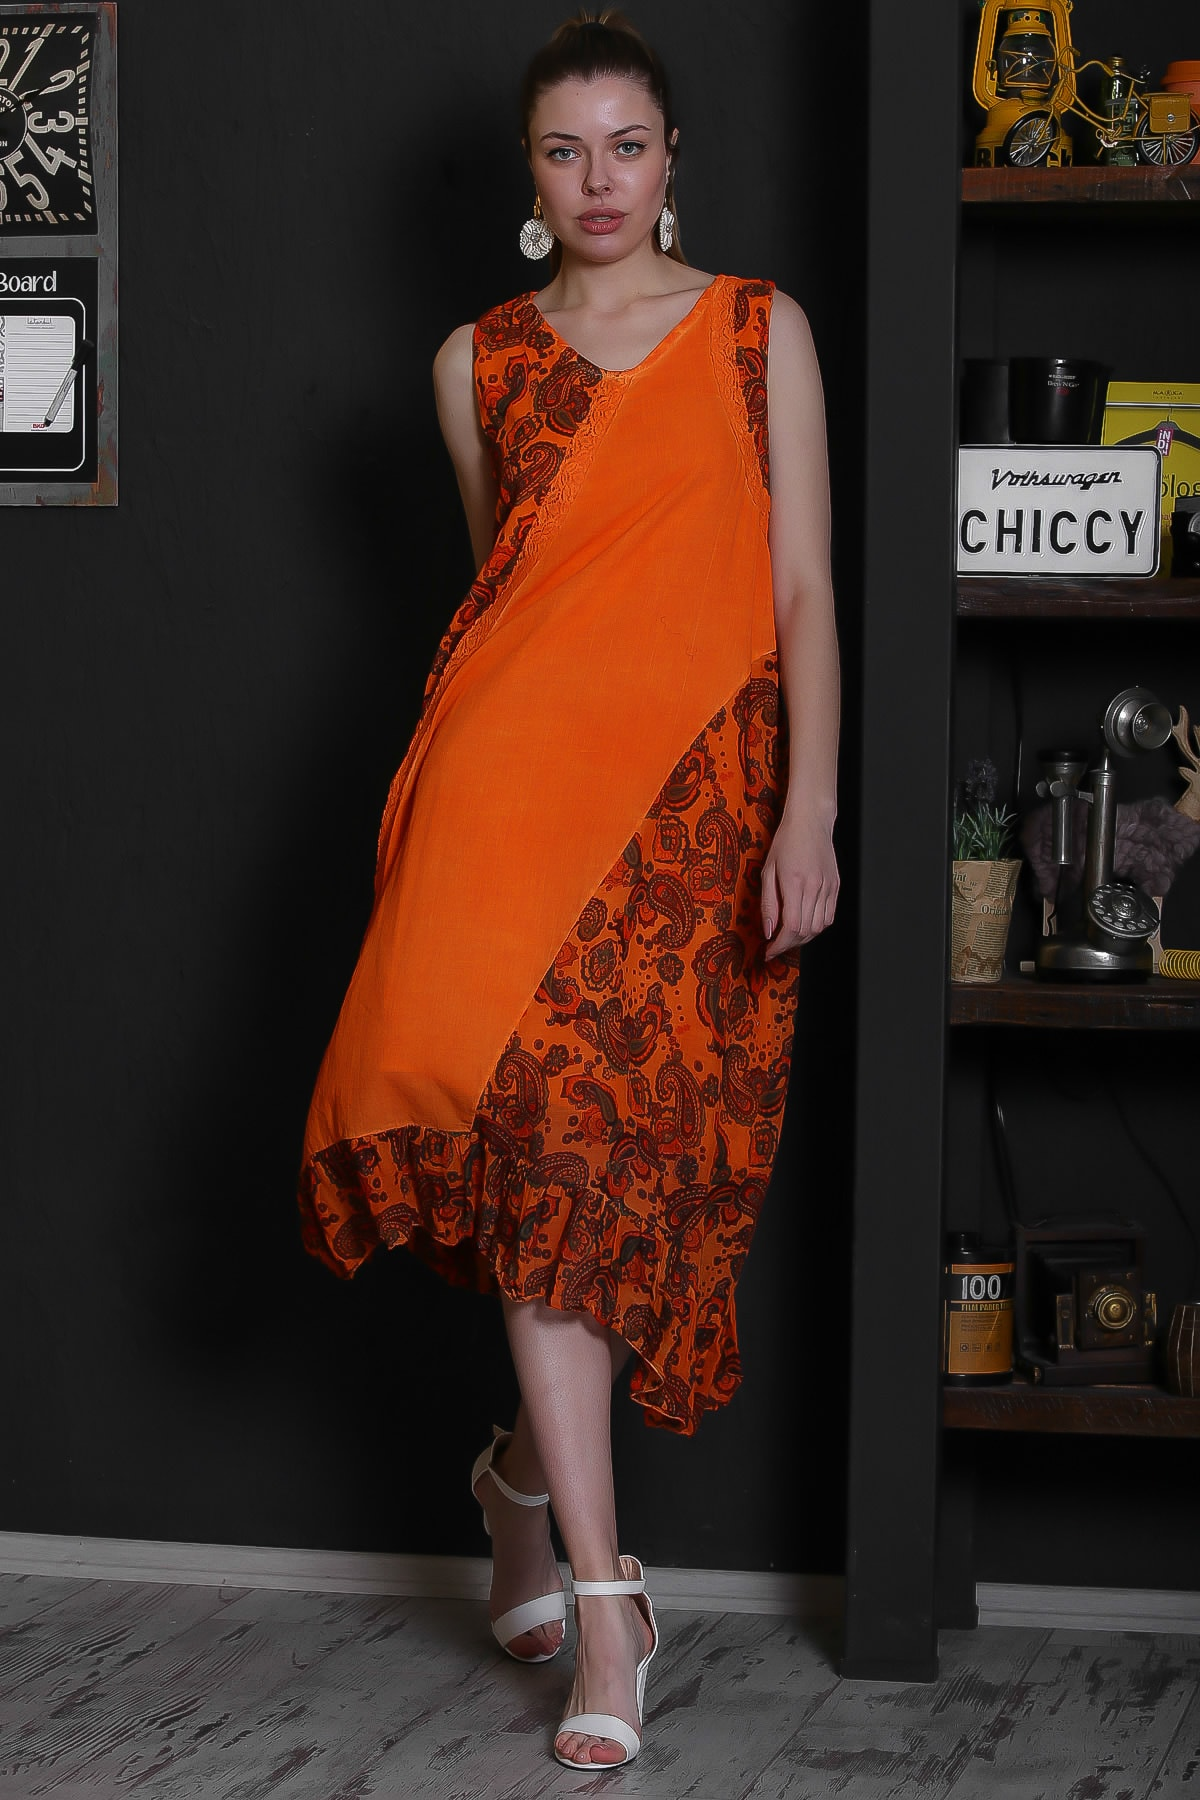 Chiccy Kadın Turuncu V Yaka Kolsuz Şal Desenli Tülbent Detaylı Kopenakili Astarlı Elbise M10160000EL95319 2